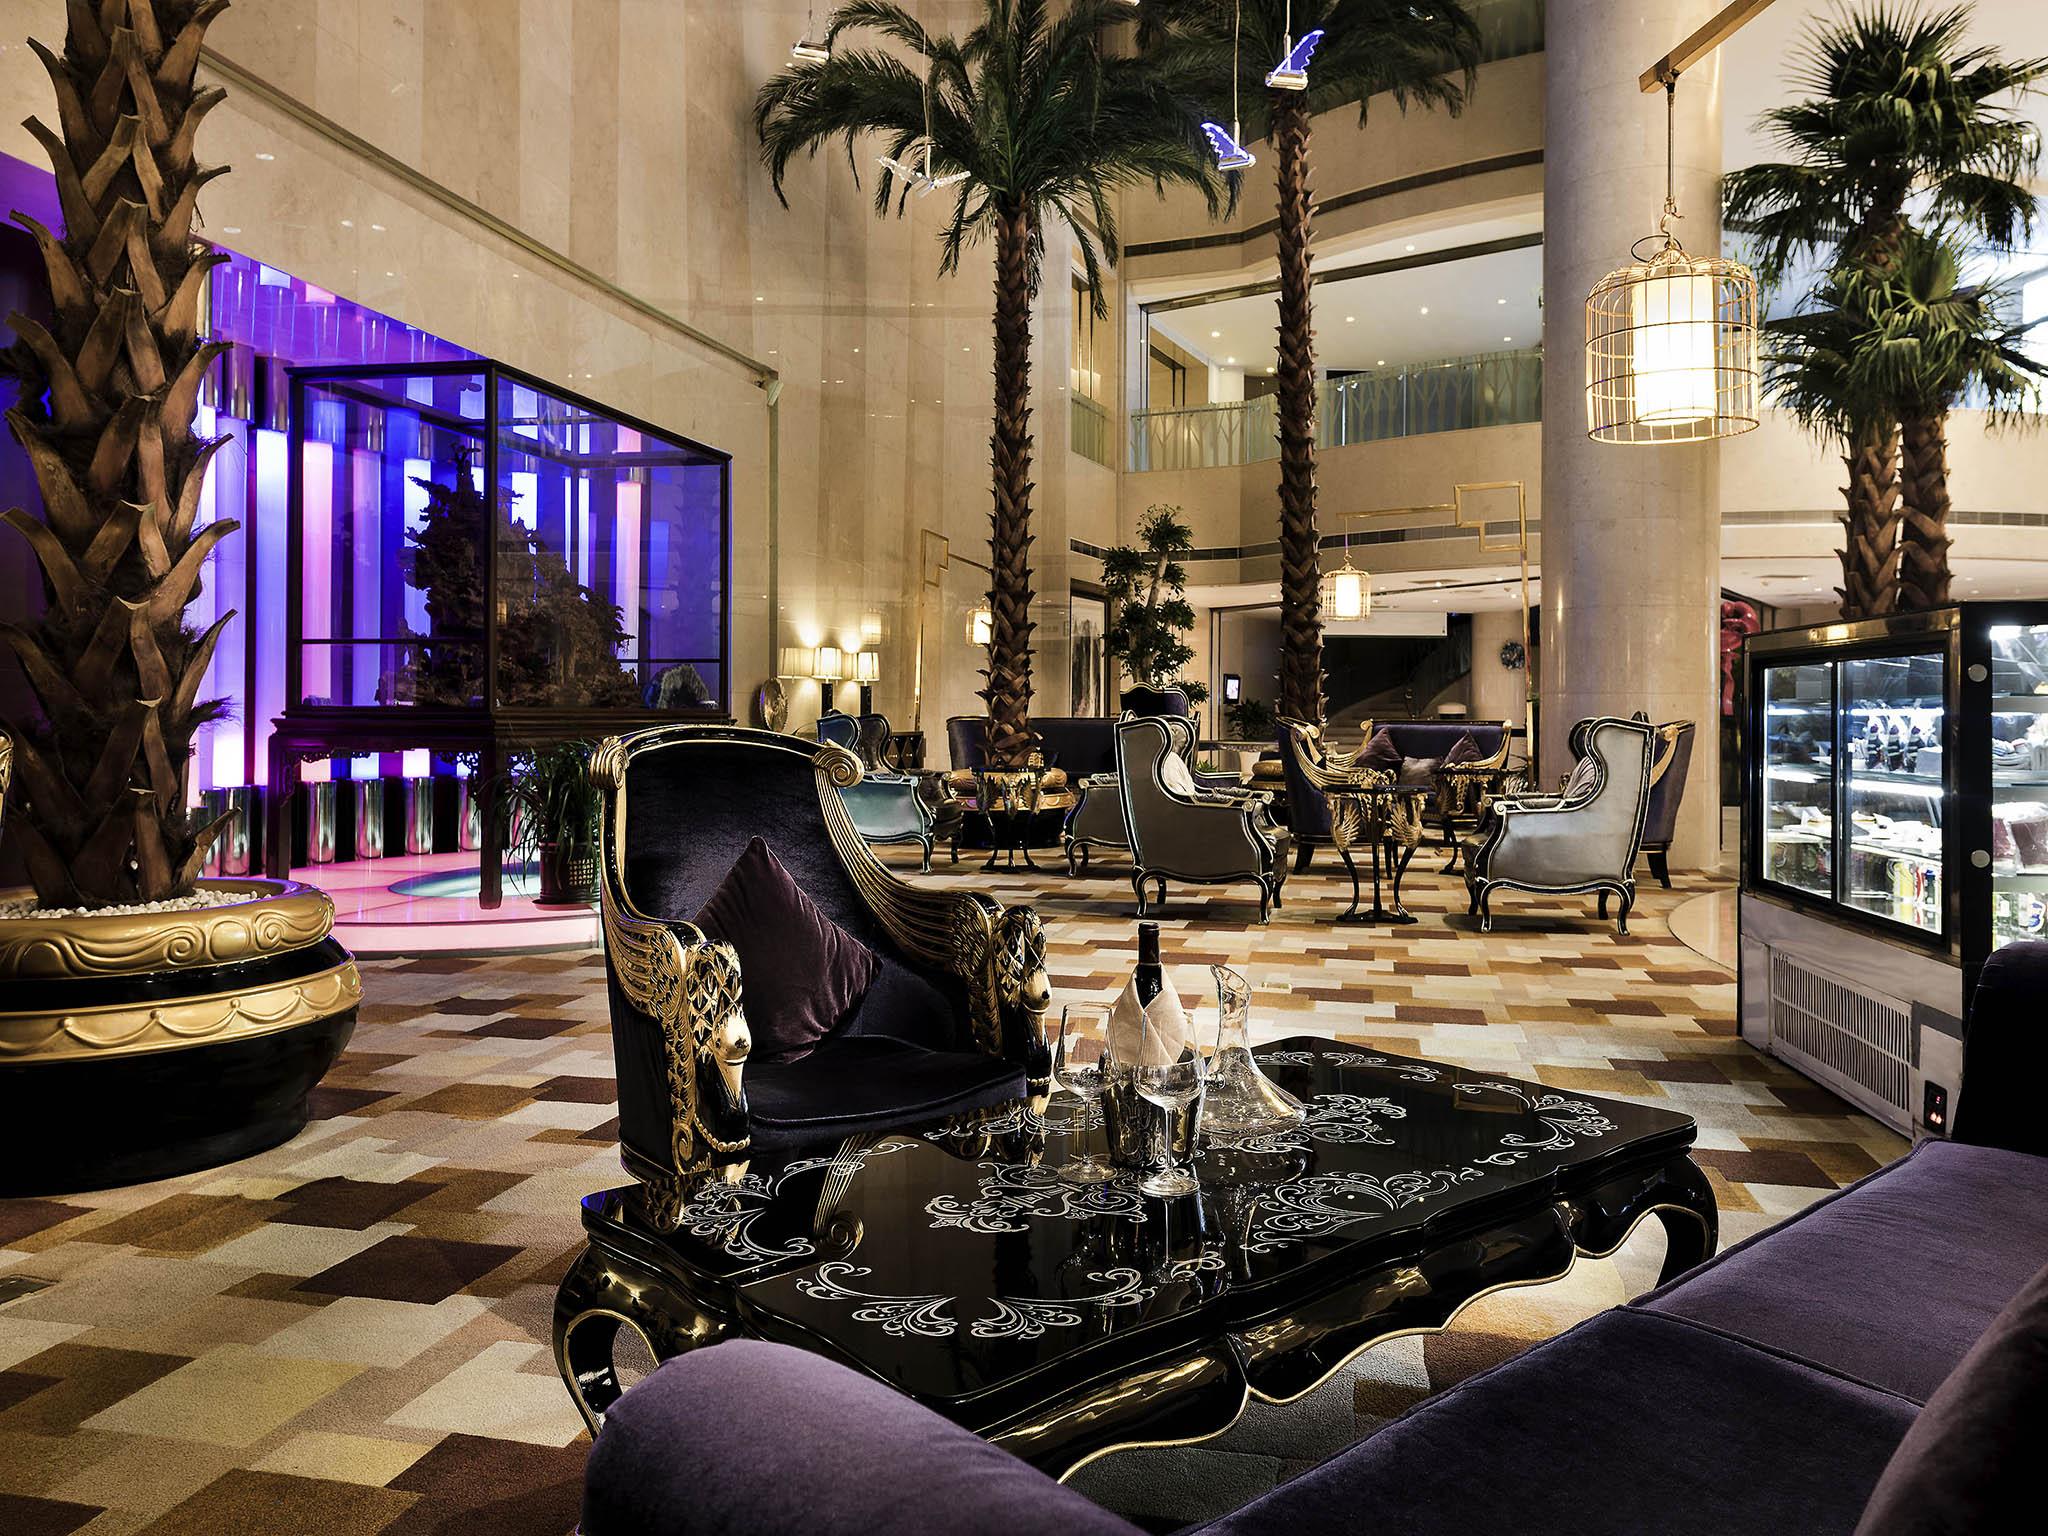 โรงแรม – พูลแมน ปักกิ่ง เซาท์